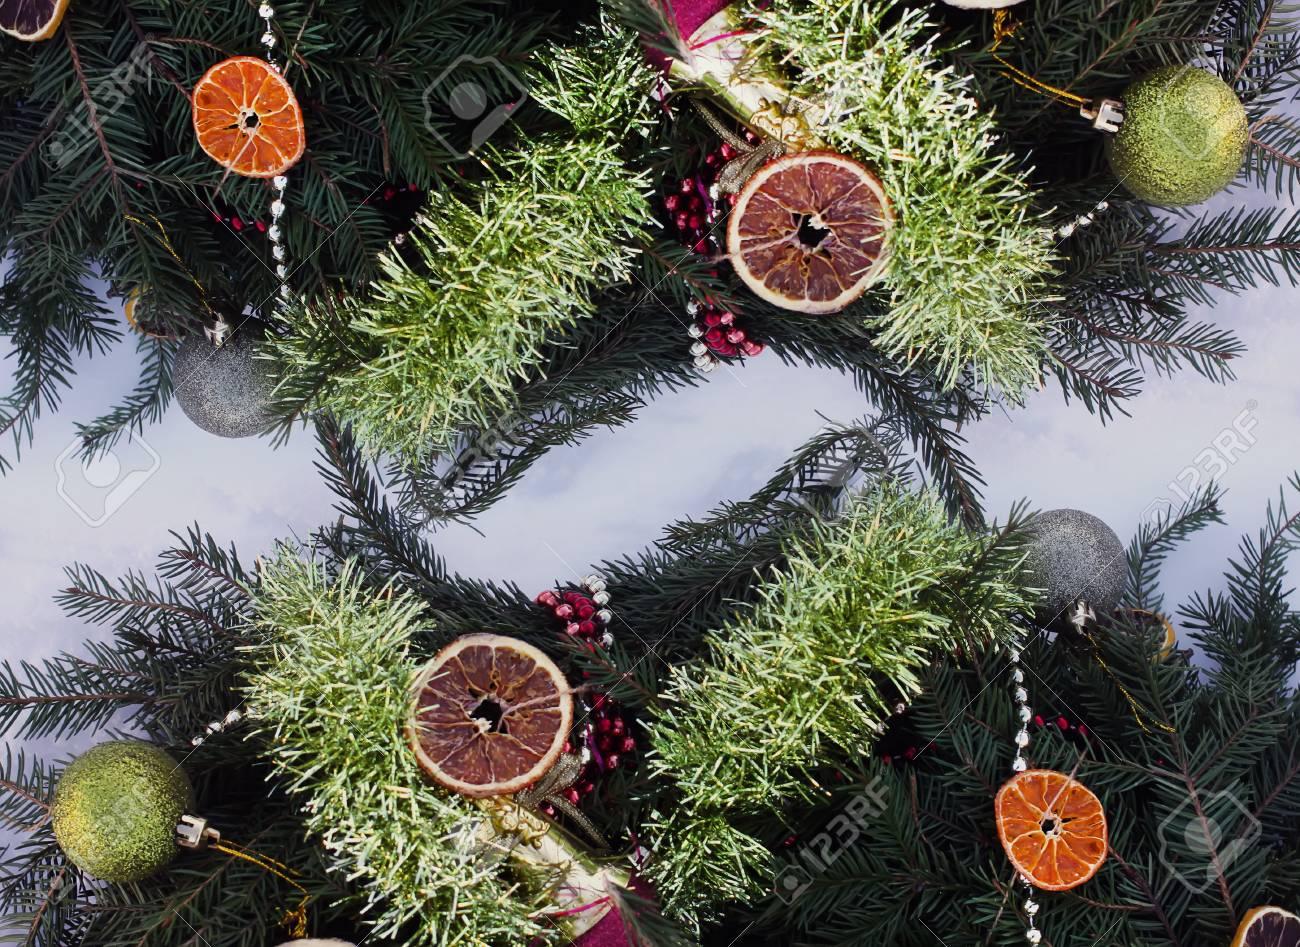 Rahmen Von Weihnachtsdekor Mit Trockenen Orangenscheiben Und Bunten ...